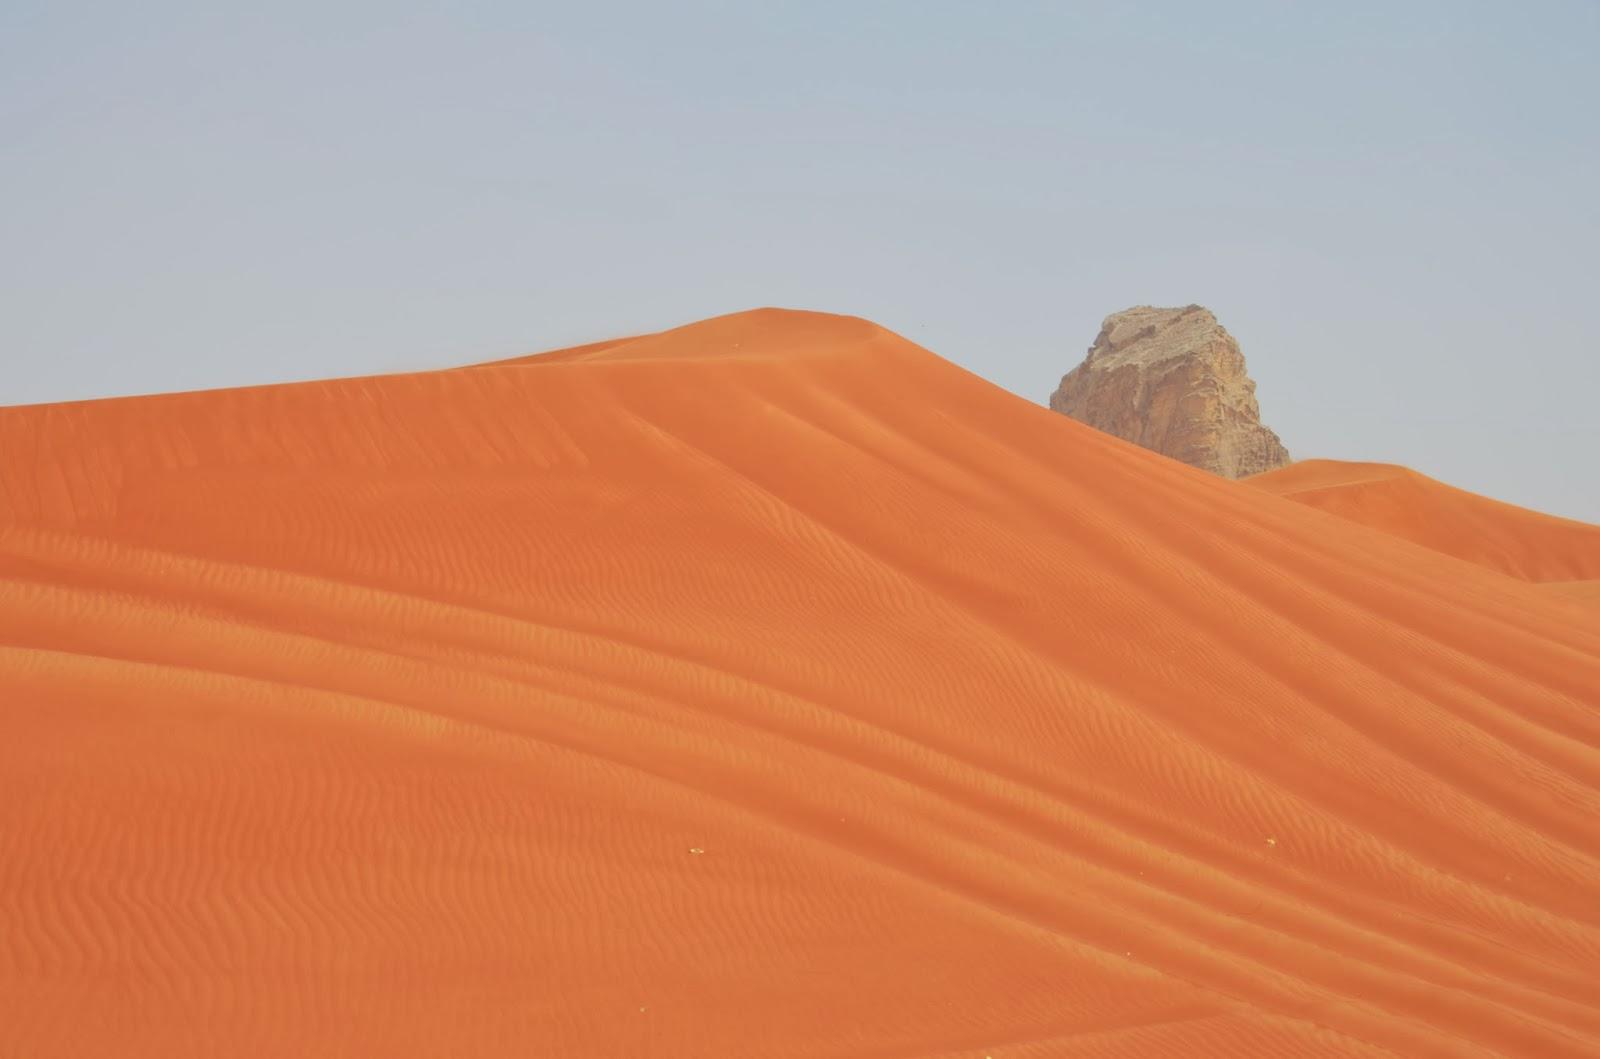 Jebel Maleihah